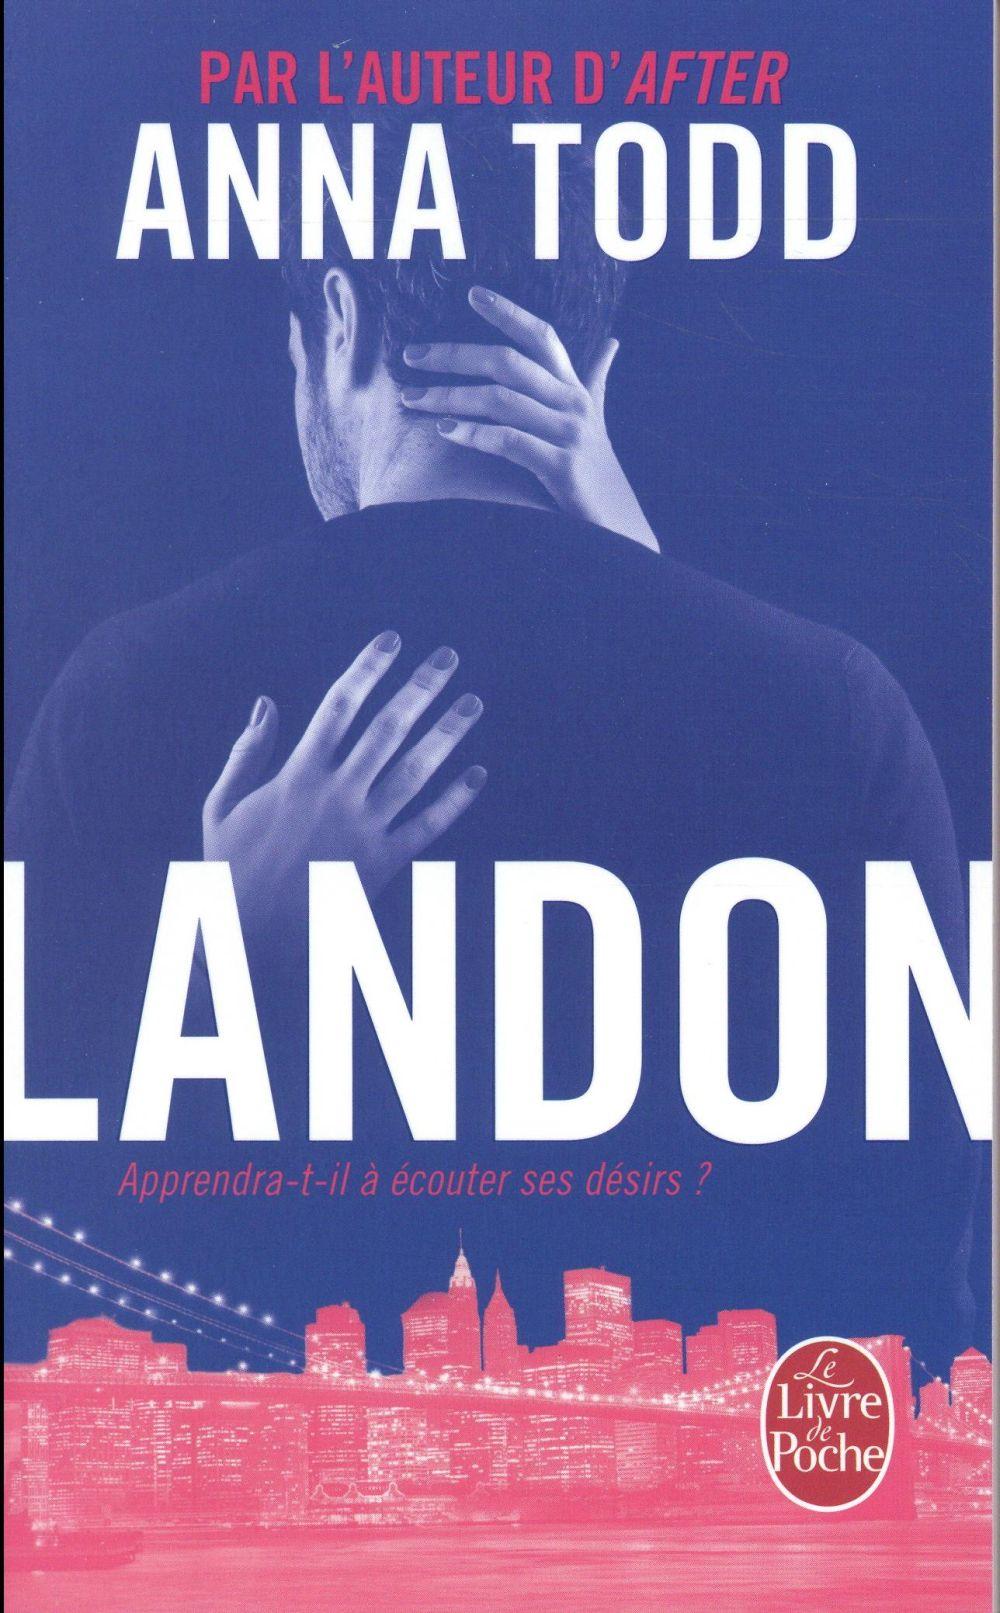 AFTER T.8  -  LANDON TODD ANNA LGF/Livre de Poche